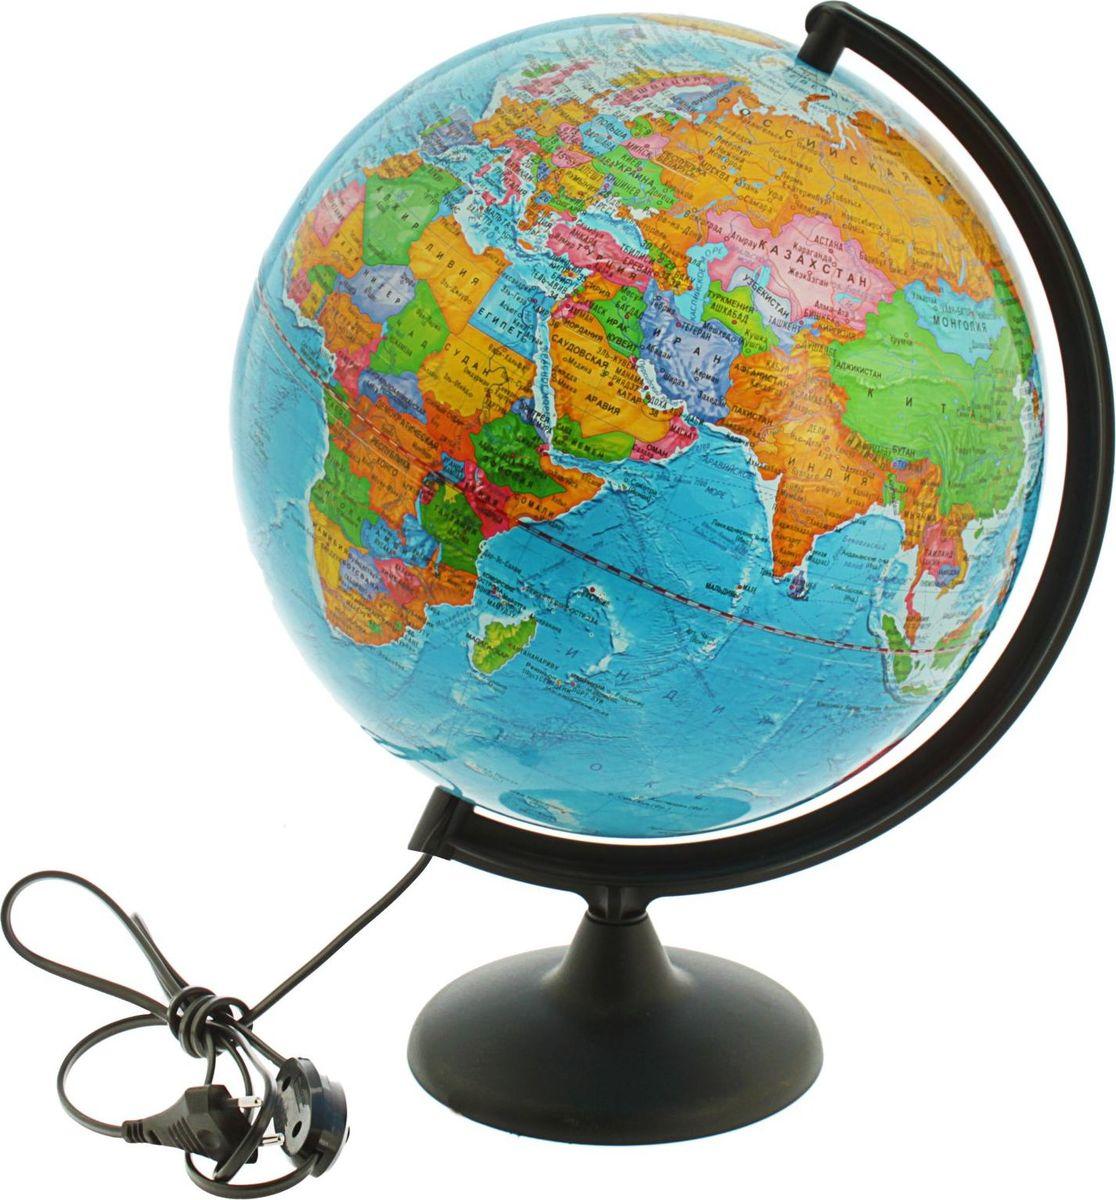 Глобусный мир Глобус политический с подсветкой диаметр 30 см2010440Глобус для всех, глобус каждому!Глобус — самый простой способ привить ребенку любовь к географии. Он является отличным наглядным примером, который способен в игровой доступной и понятной форме объяснить понятия о планете Земля.Также интерес к глобусам проявляют не только детки, но и взрослые. Для многих уменьшенная копия планеты заменяет атлас мира из-за своей доступности и универсальности.Умный подарок! Кому принято дарить глобусы? Всем! Глобус политический диаметр 300 мм, с подсветкой — это уменьшенная копия земного шара, в которой каждый найдет для себя что-то свое.путешественники и заядлые туристы смогут отмечать с помощью стикеров те места, в которых побывали или собираются их посетитьделовые и успешные люди оценят такой подарок по достоинству, потому что глобус ассоциируется со статусом и властьюпреподаватели, ученые, студенты или просто неординарные личности также найдут для глобуса достойное место в своем доме.Итак, спешите заказать настольные глобусы в нашем интернет-магазине по привлекательным ценам, и помните, кто владеет глобусом, тот владеет миром!